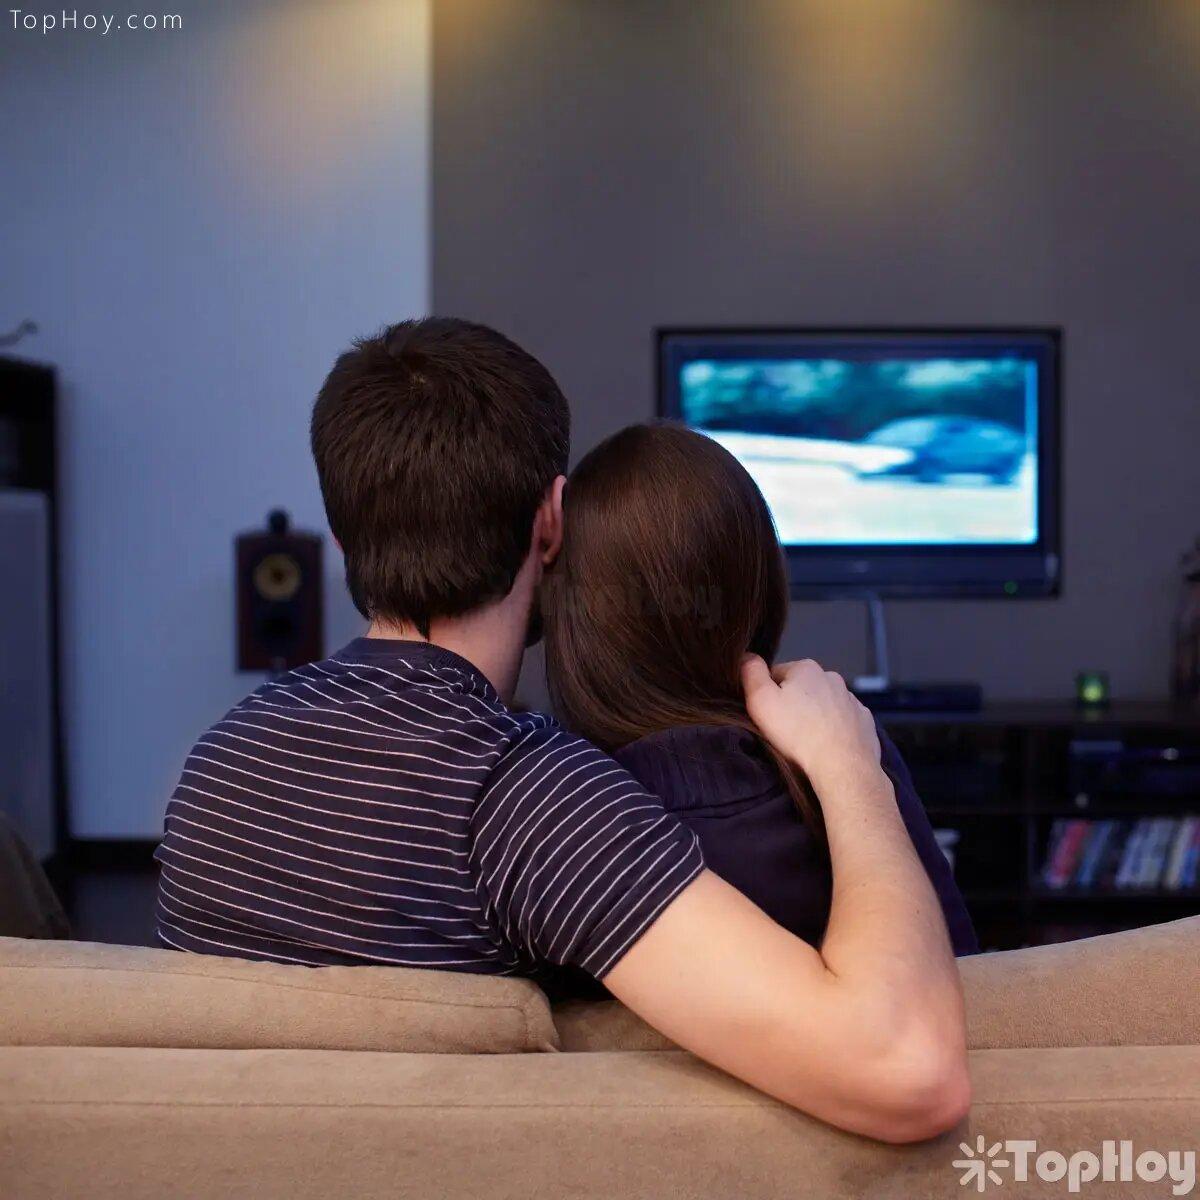 Ver películas juntos